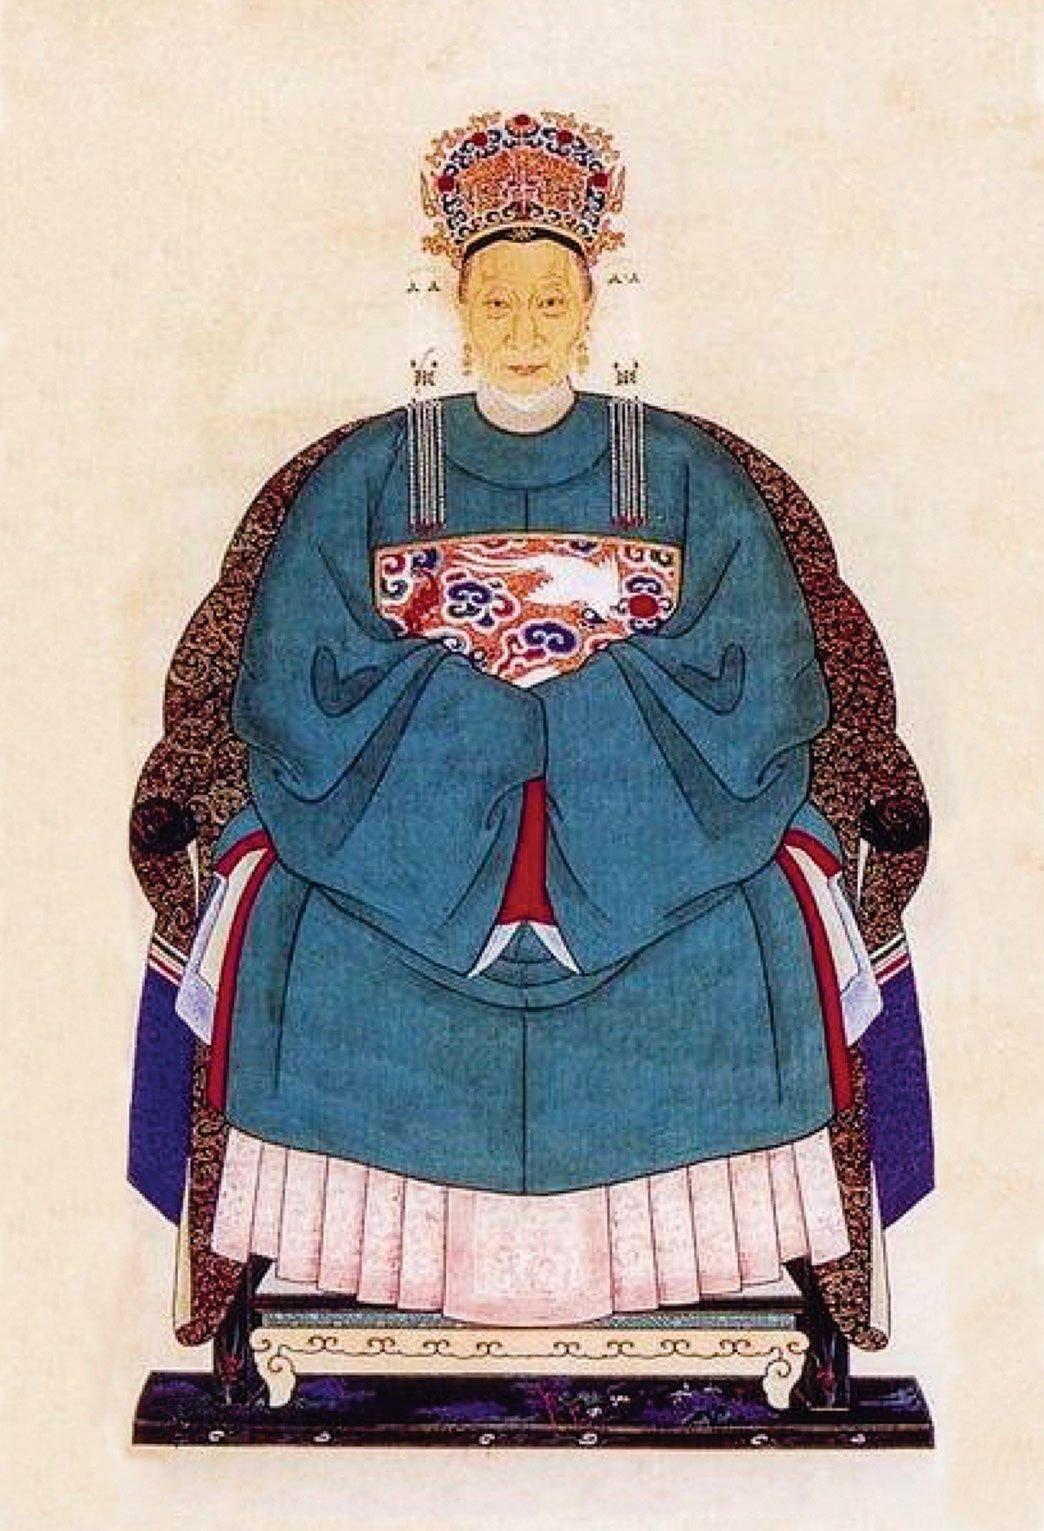 明代命婦(授封號的官員母、妻)穿著的禮服以大袖衫、鳳冠、霞帔、褙子等組成。圖為明代命婦著圓領袍。(公有領域)